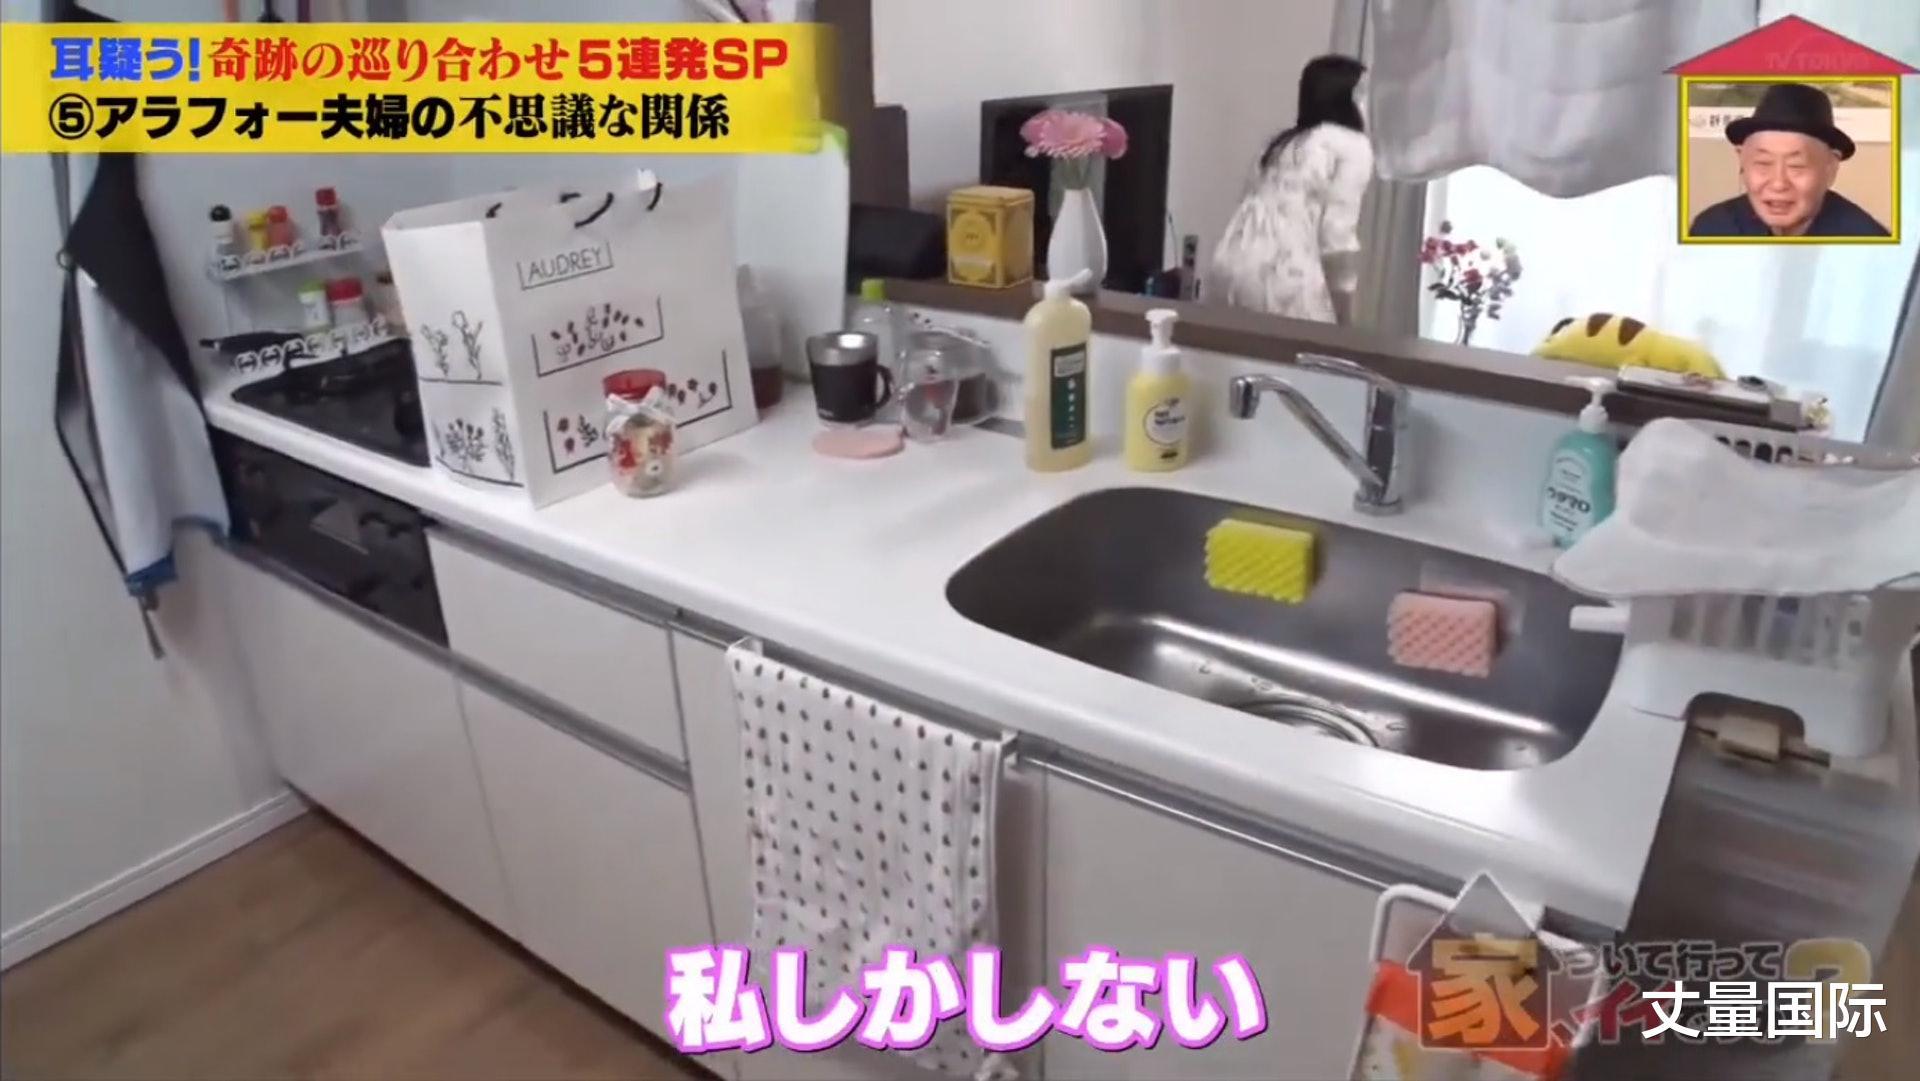 日本夫婦另類AA制婚姻生活,分床睡覺從不牽手,連做傢務都計時薪-圖10